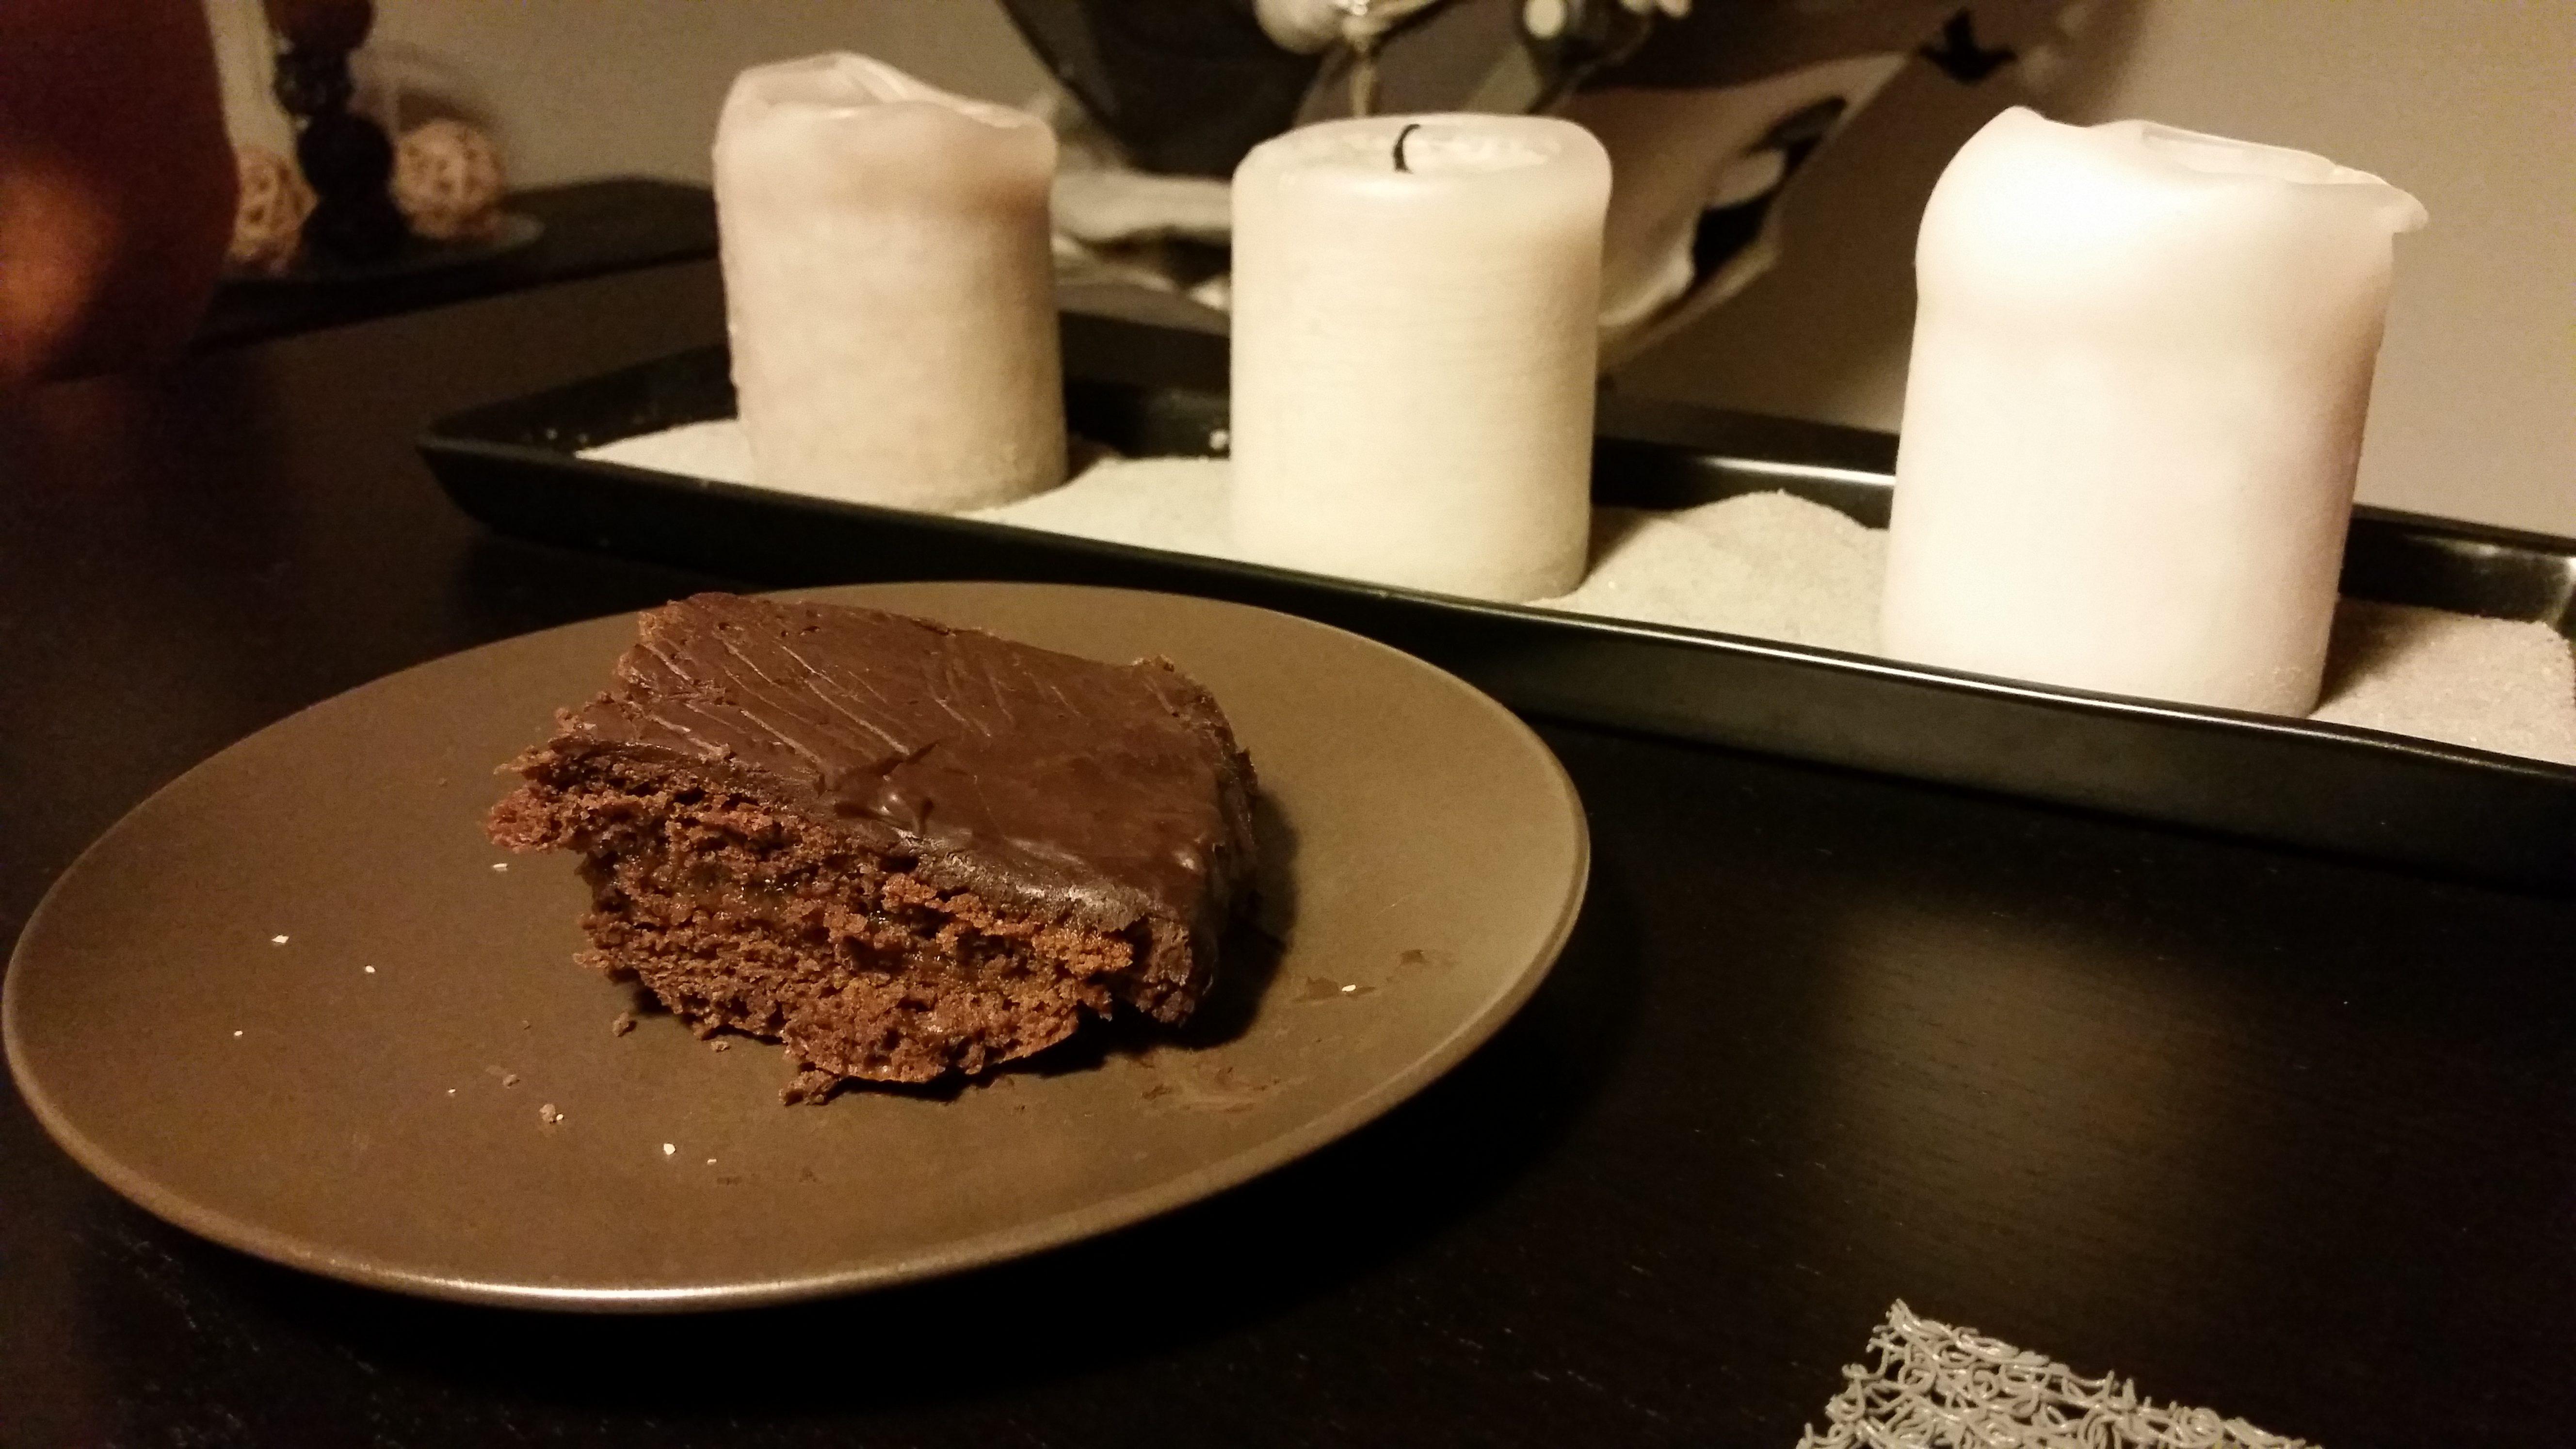 La mia versione della Sacher torte